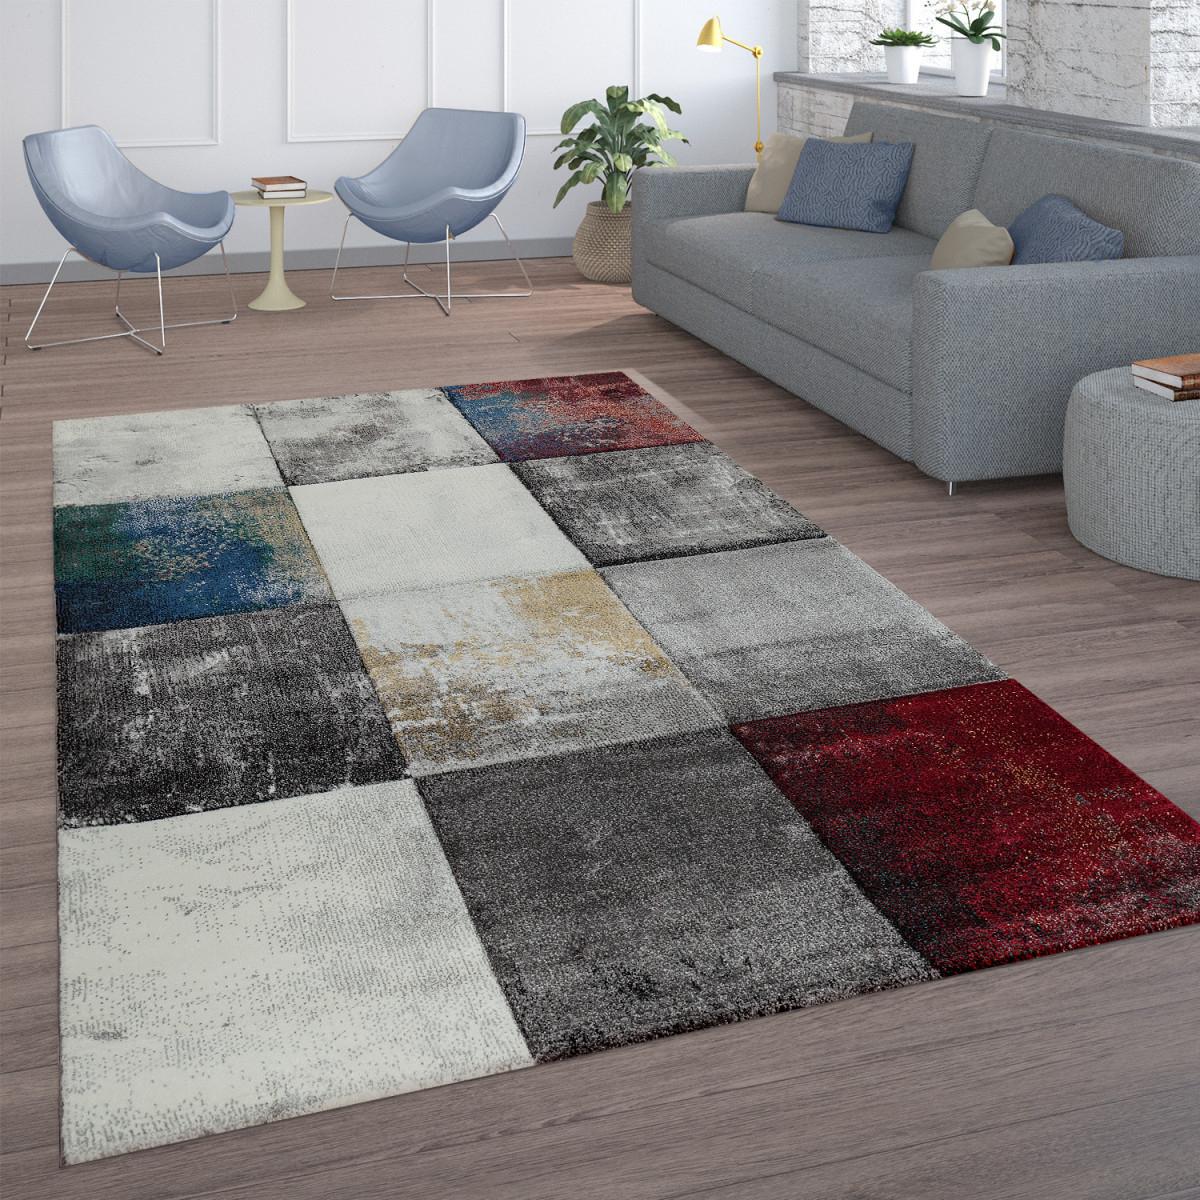 Details Zu Wohnzimmer Teppich Rot Grau Abstrakt Karo Muster Modern Gemälde  Kurzflor Weich von Teppich Vorleger Wohnzimmer Bild